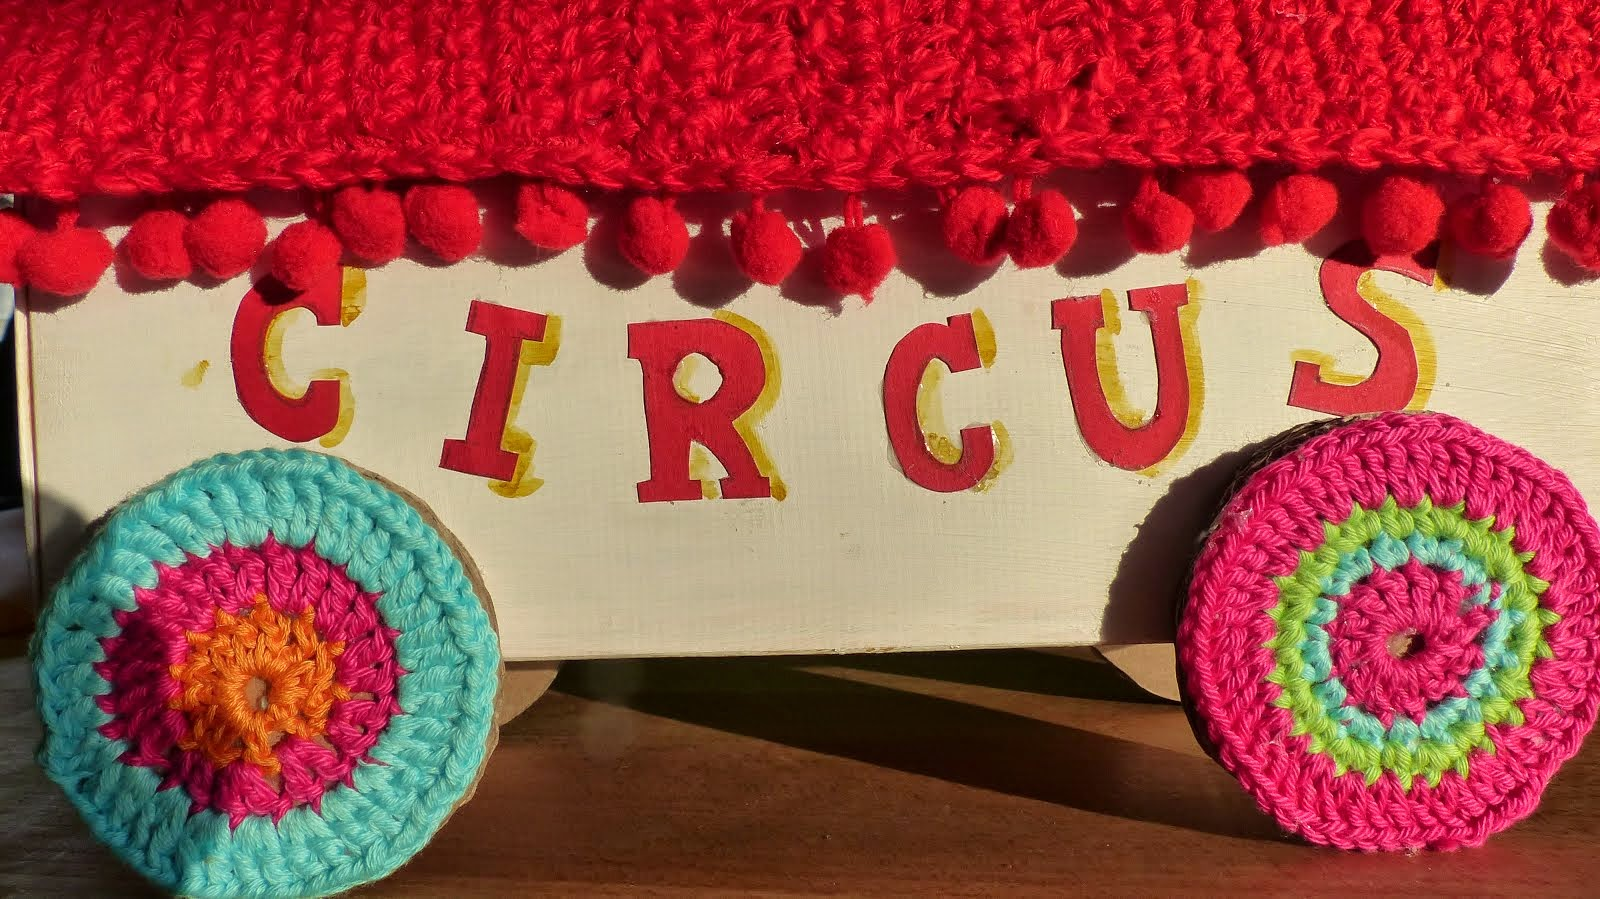 Circuswagen selbst gemacht